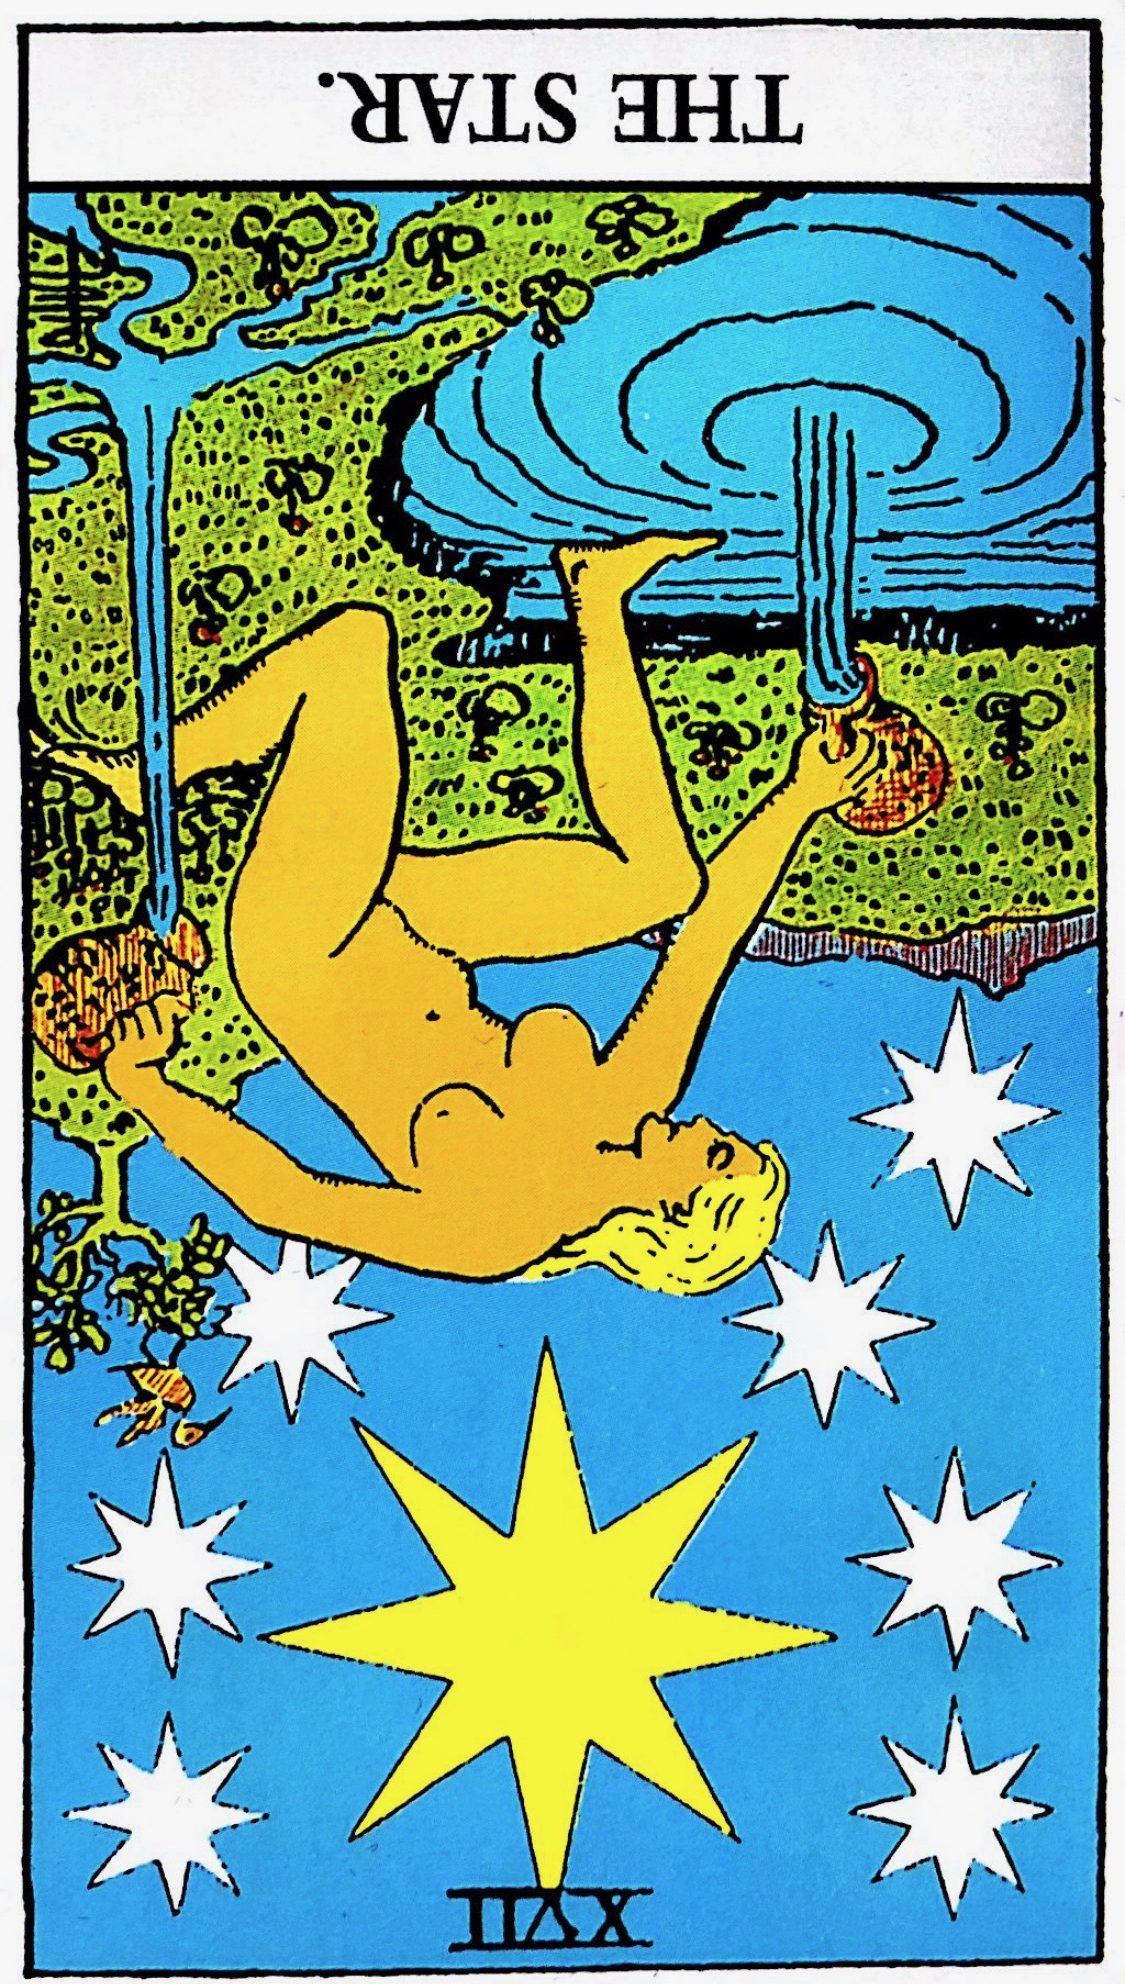 タロット占い「星」の意味【逆位置】